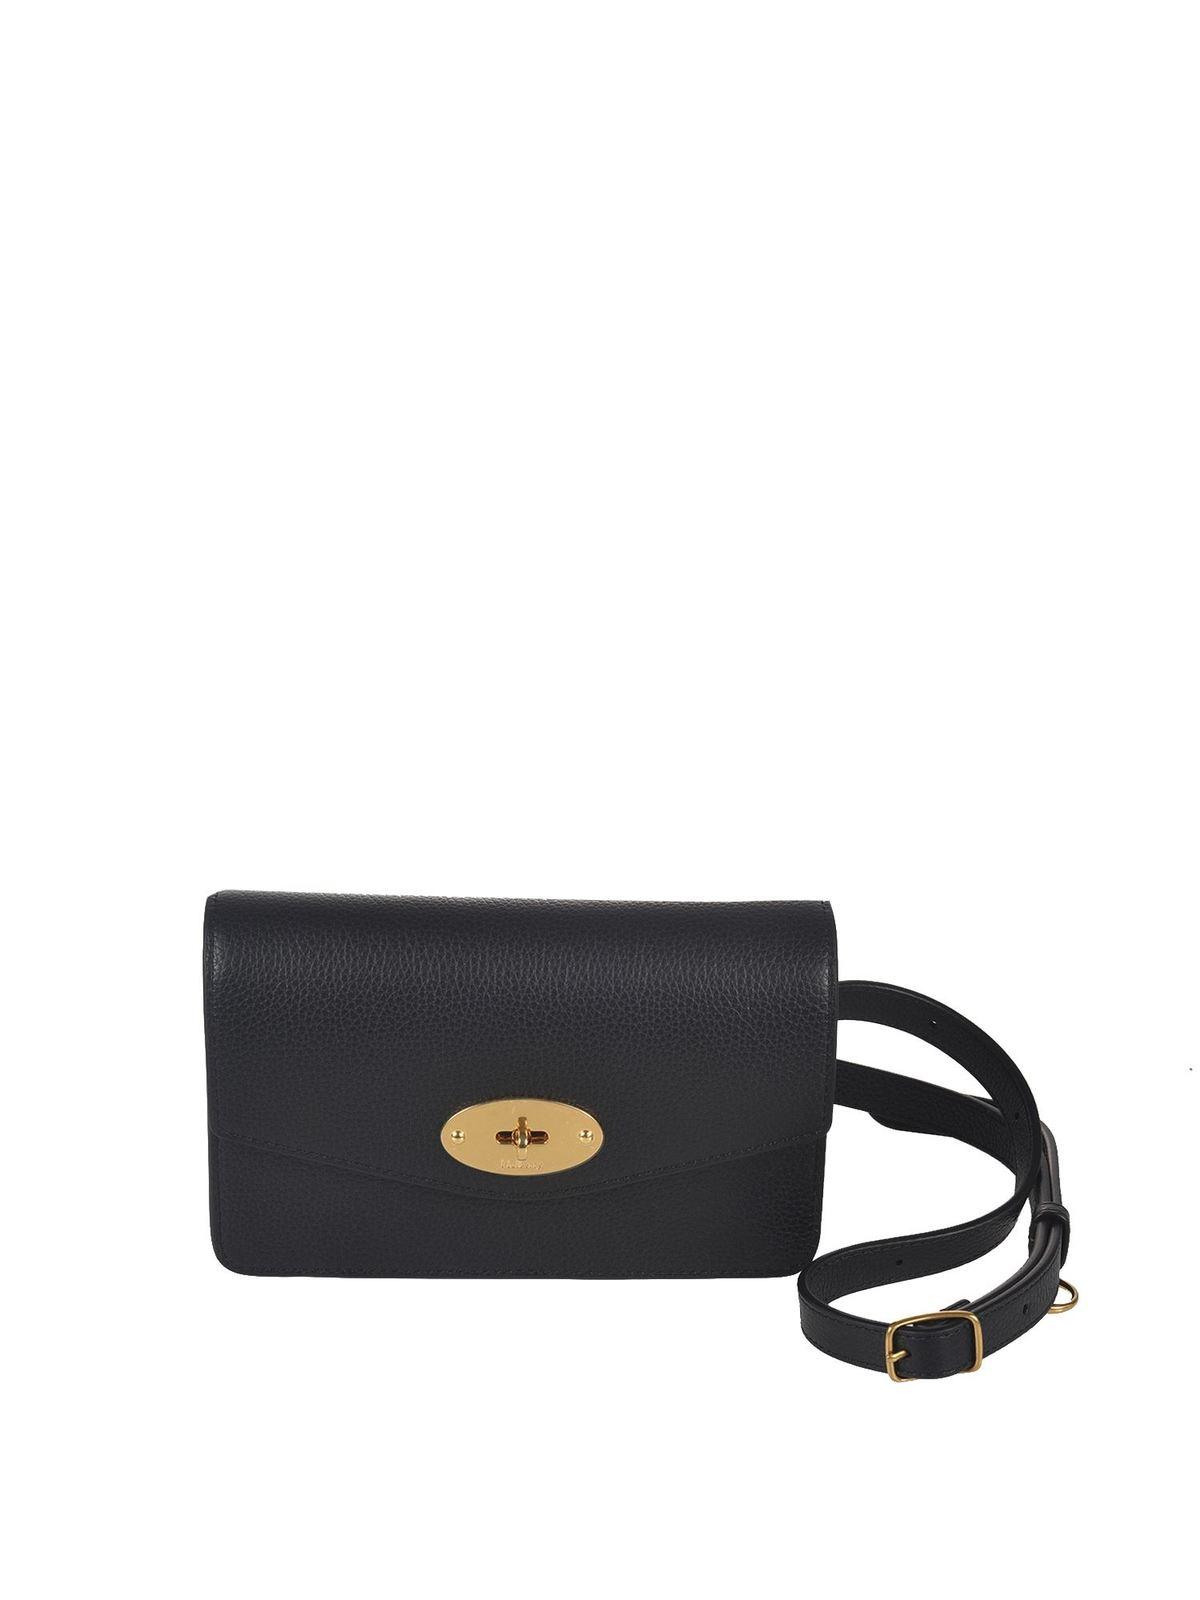 Mulberry DARLEY BELT BAG IN BLACK